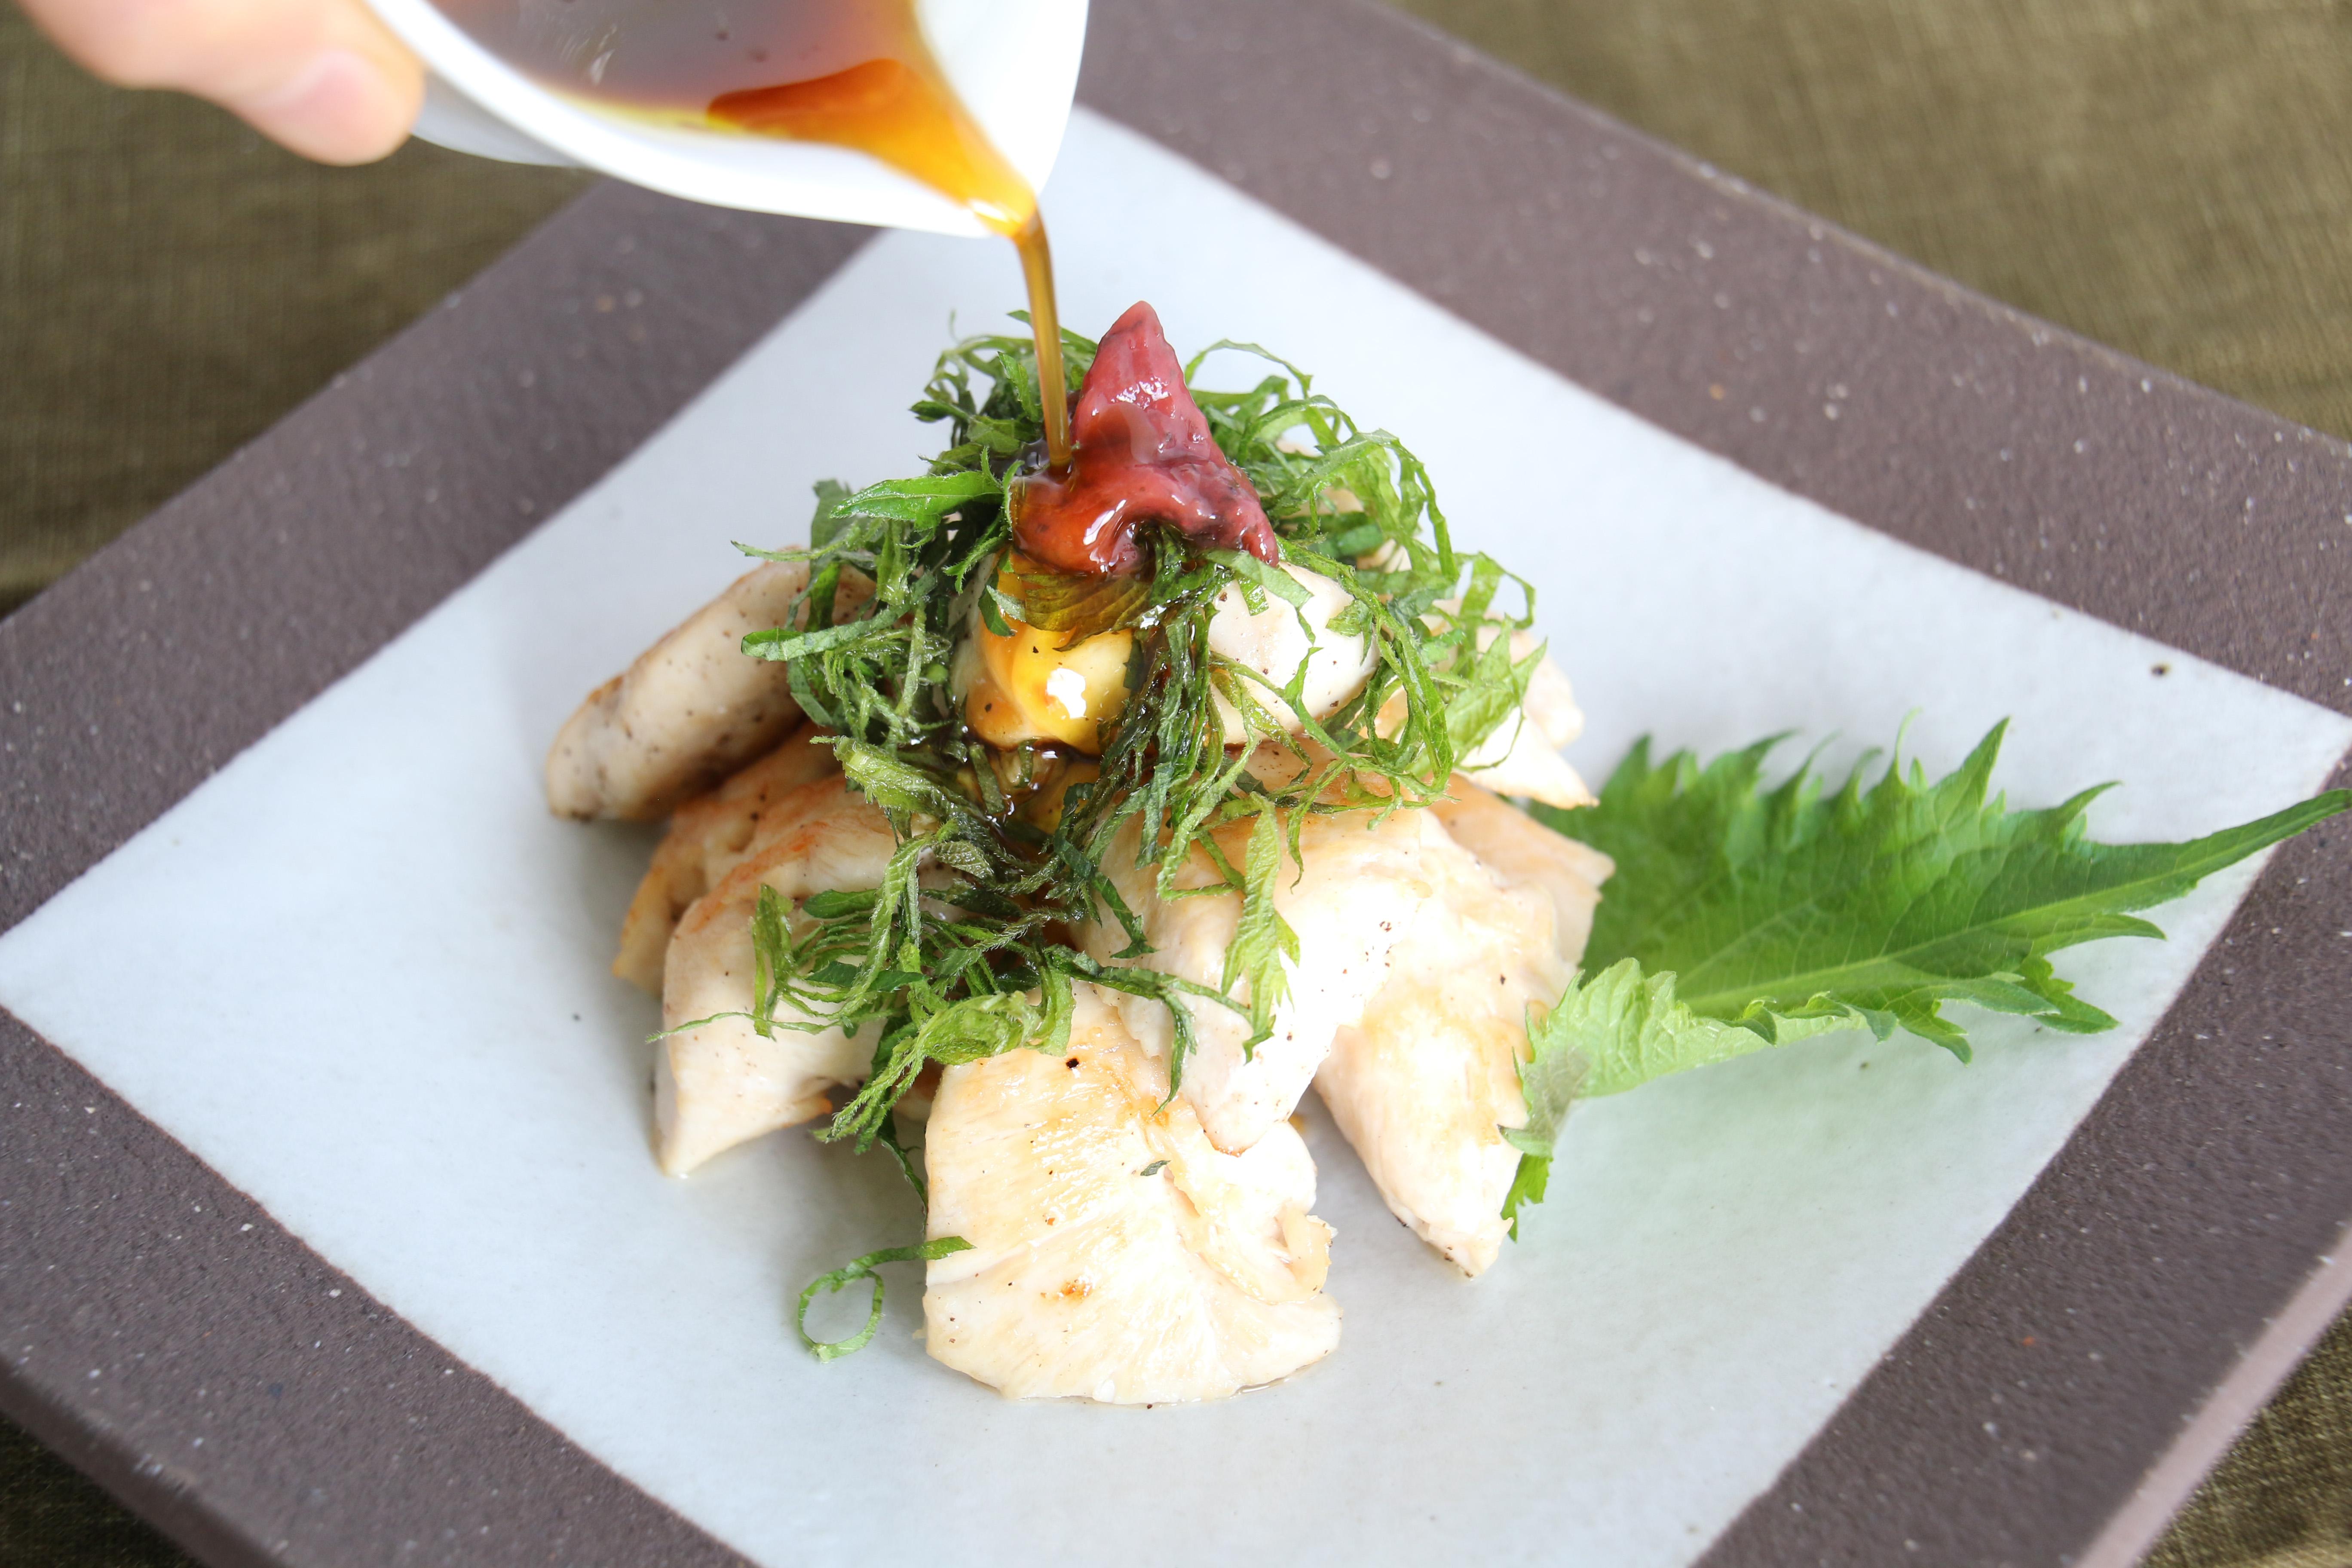 作り方) 1、ささみは食べやすい大きさに切り、フライパンで塩コショウをして焼く。 2、焼いたささみを皿に盛り、梅肉と大葉を飾る。  3、「緑果+ポン酢」の特製ダレを